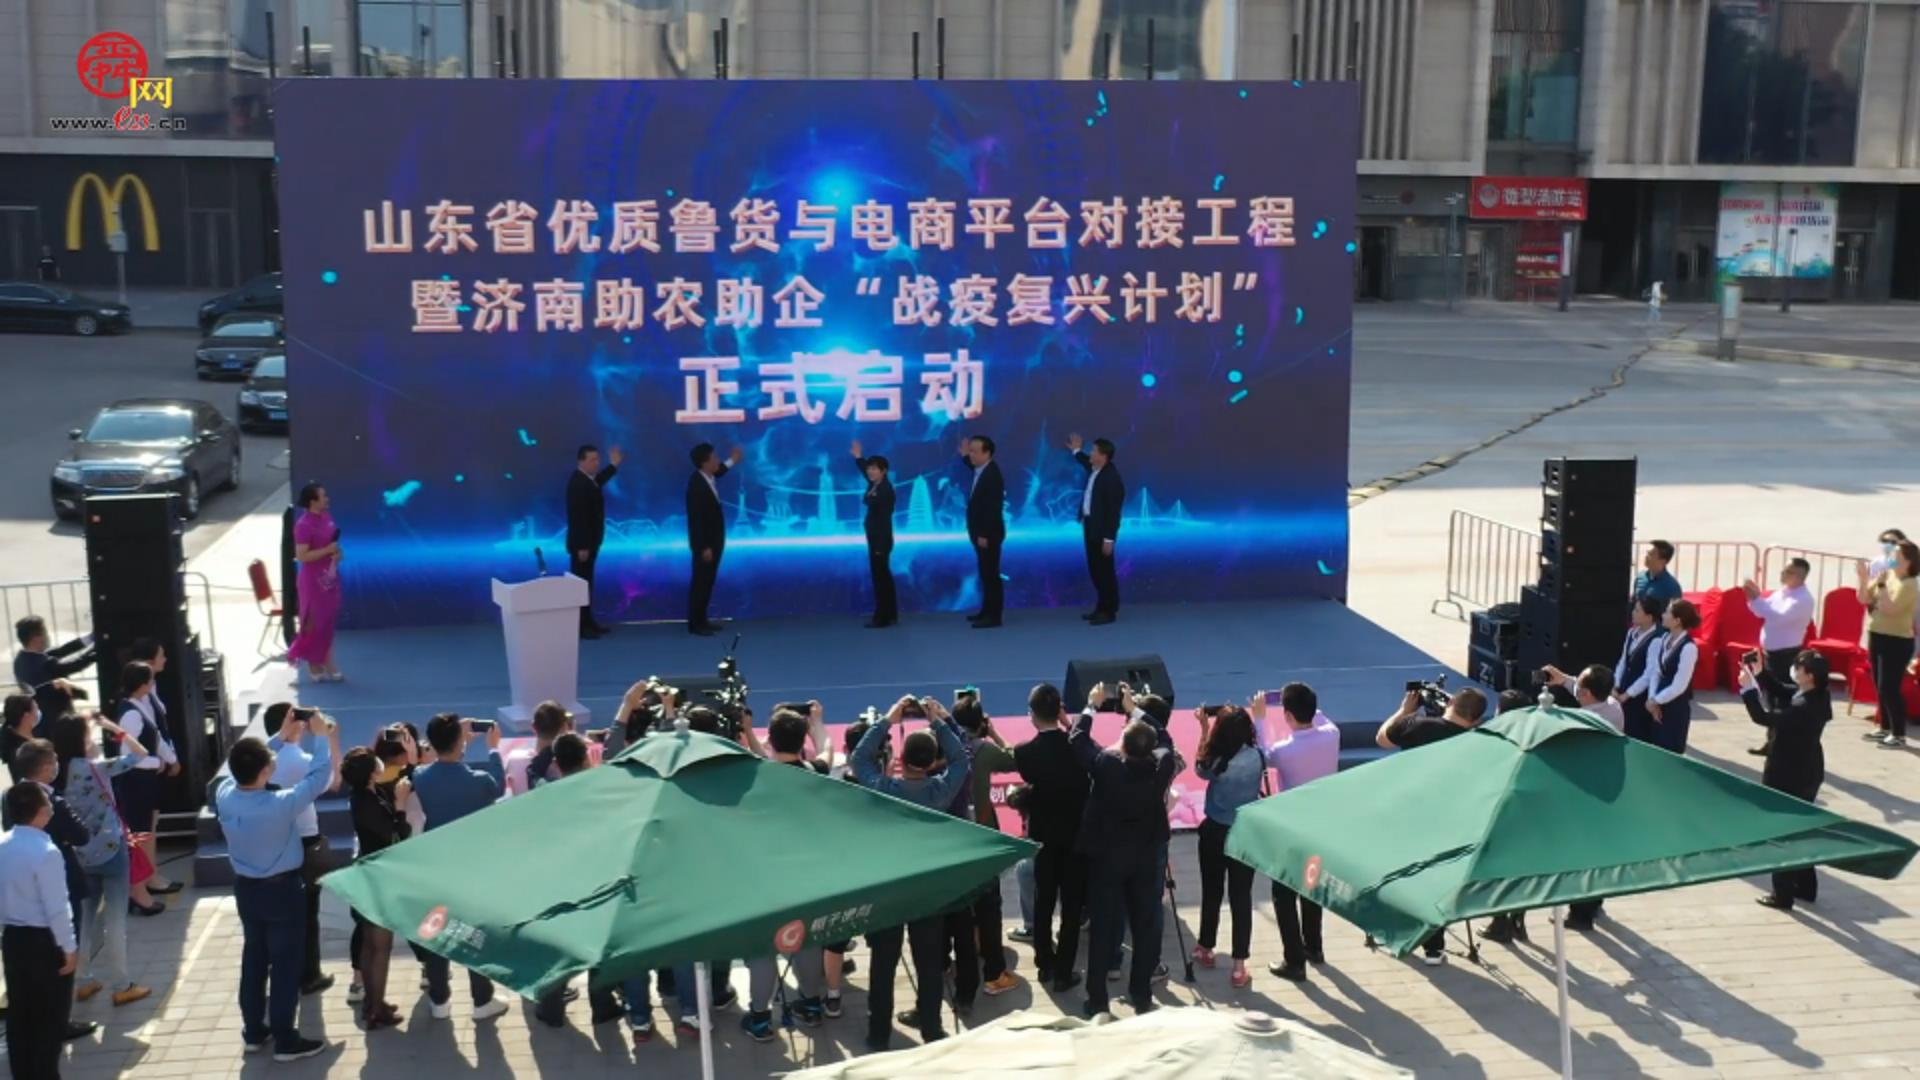 济南商务局:引进知名电商平台企业 打造全国直播经济总部基地